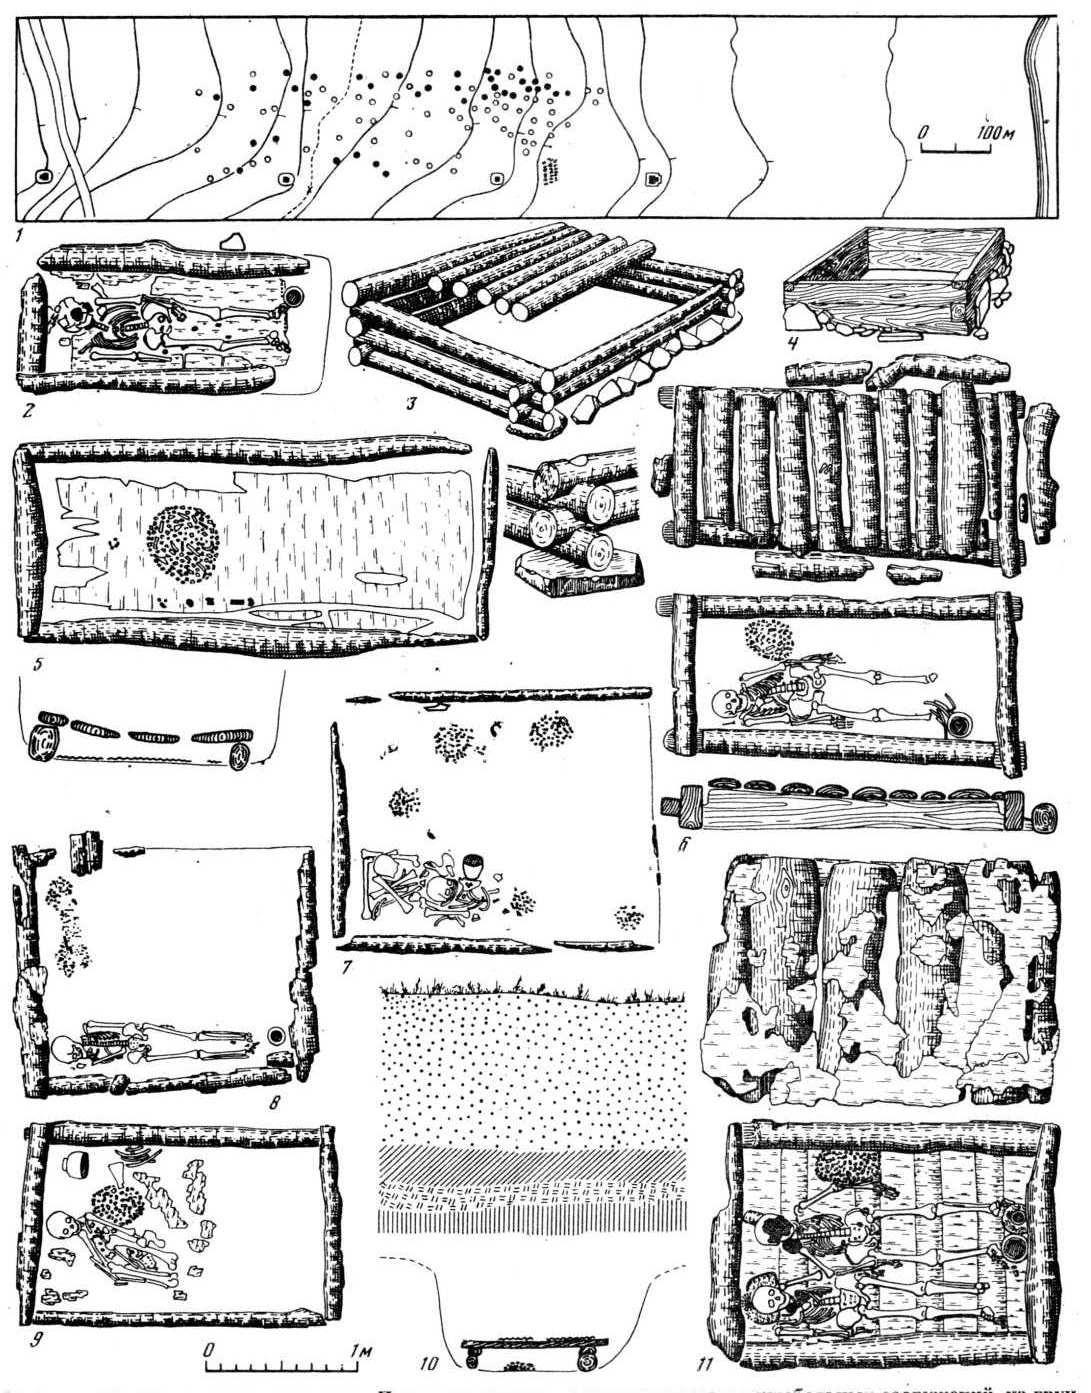 Таблица 95. Таштыкская культура. План могильника, планы и разрезы погребальных сооружений из грунтовых могильников